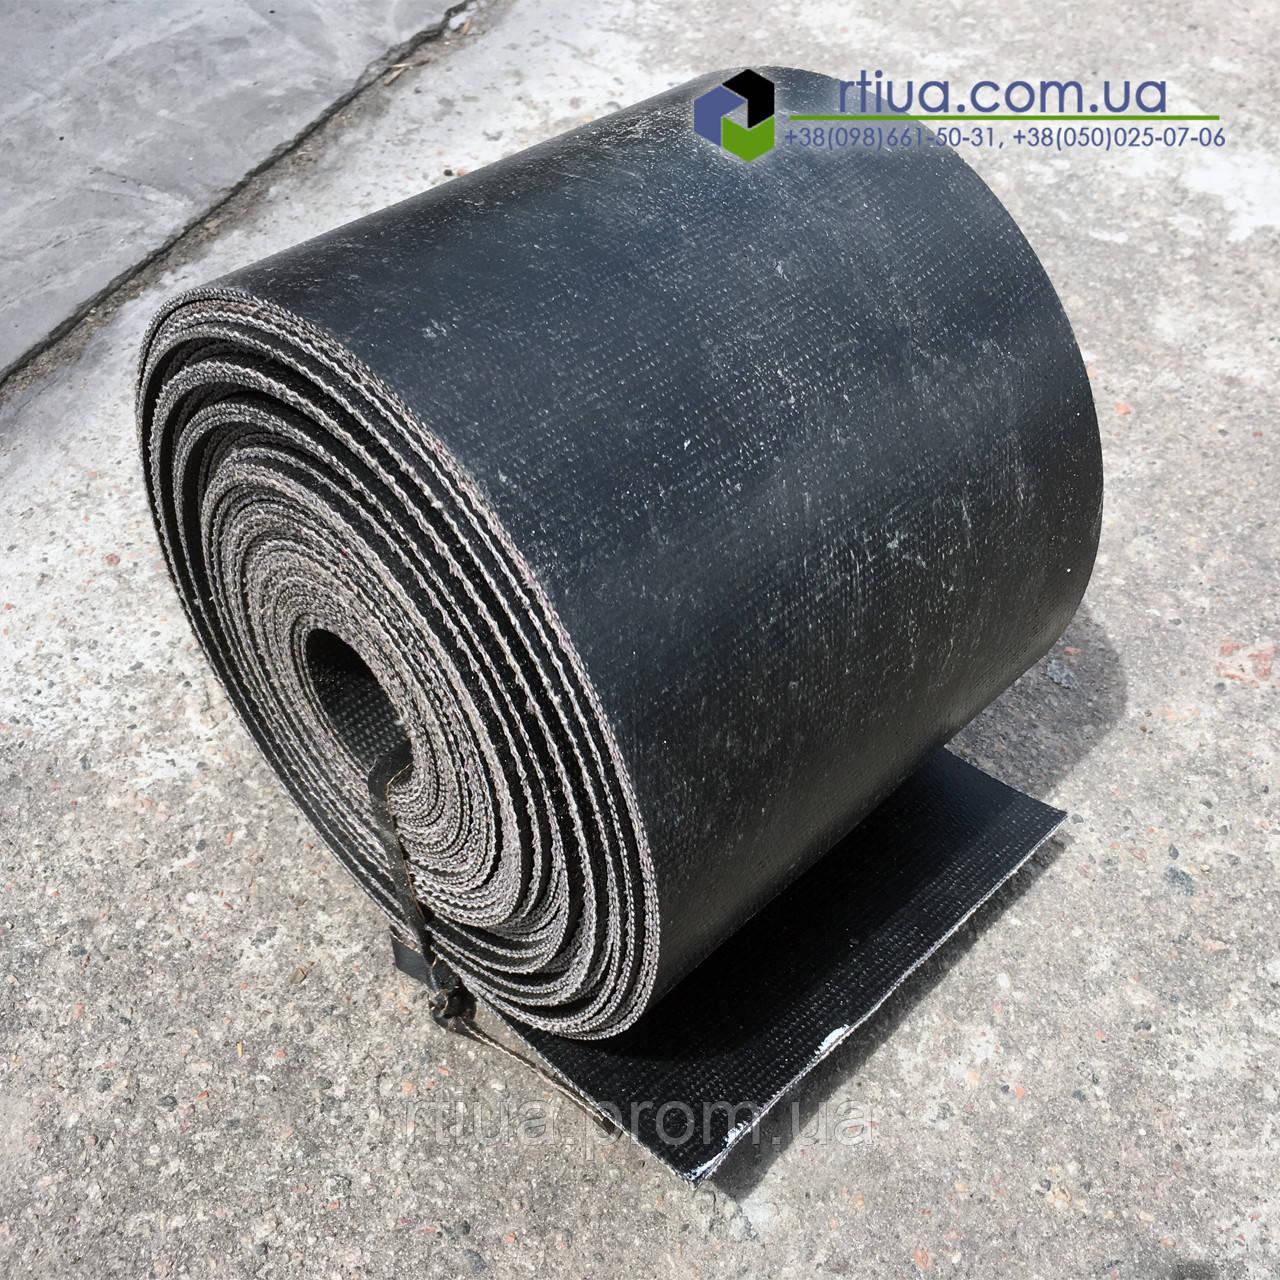 Транспортерная лента БКНЛ, 100х2 мм